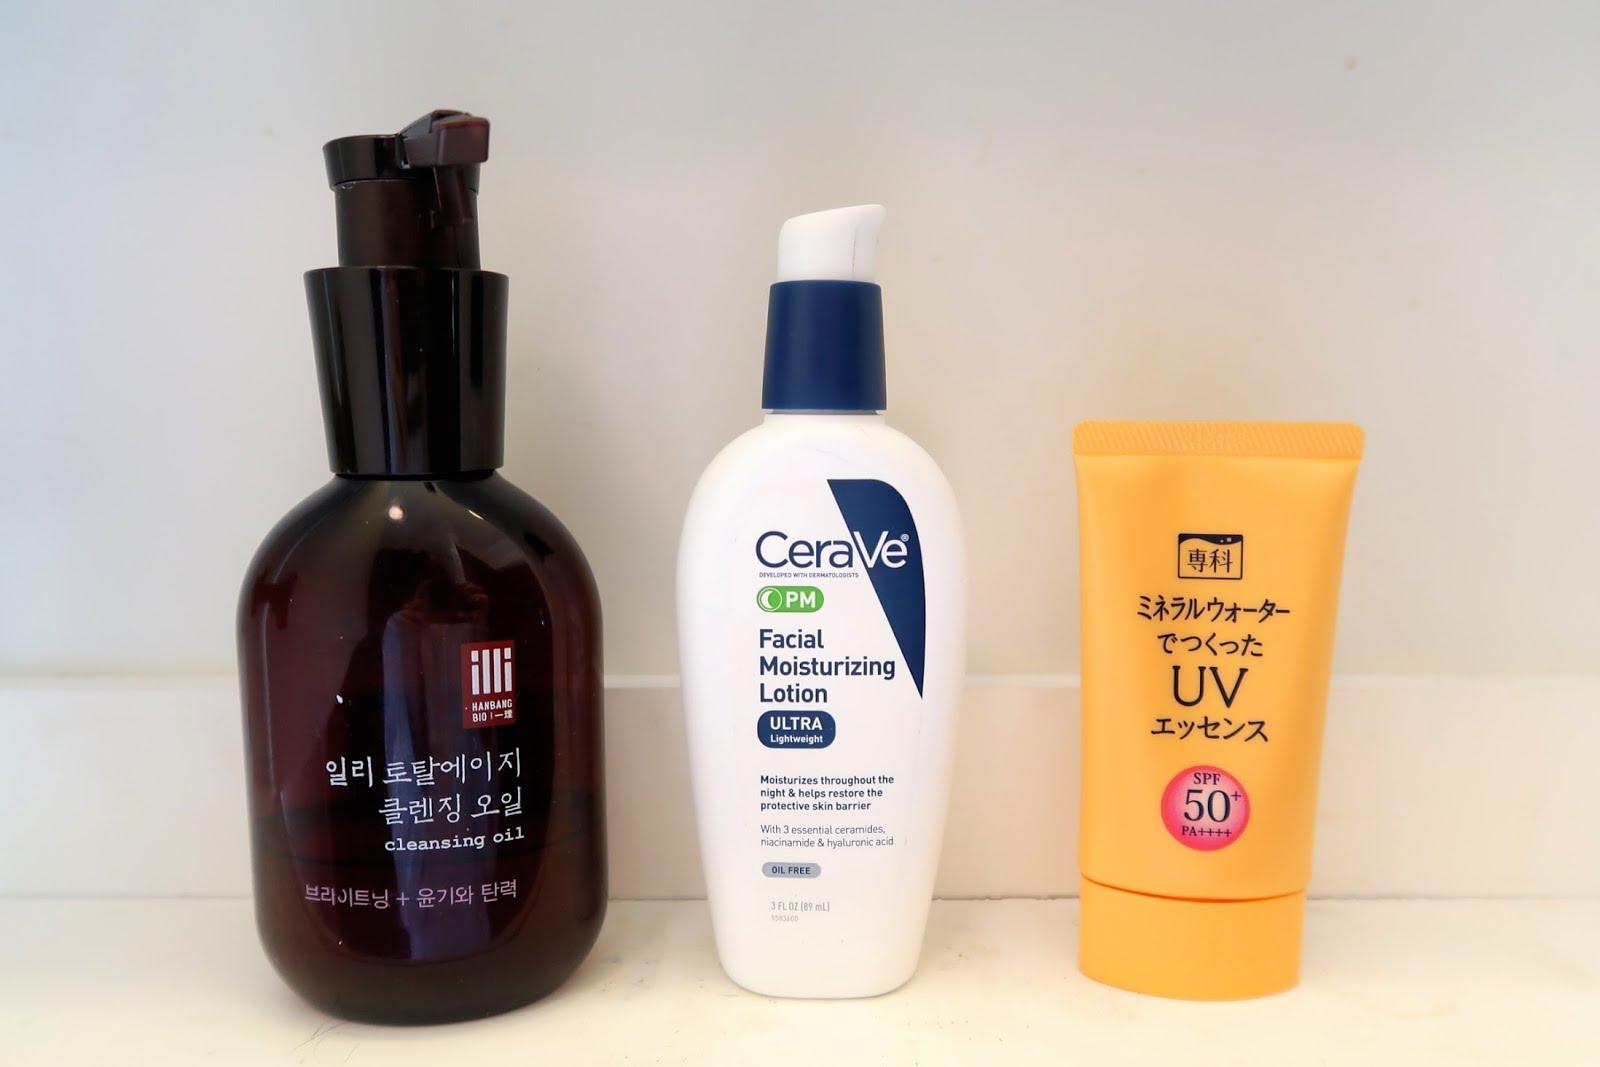 skincare korean beauty kbeauty oil cleanser first sunscreen moisturizer cerave